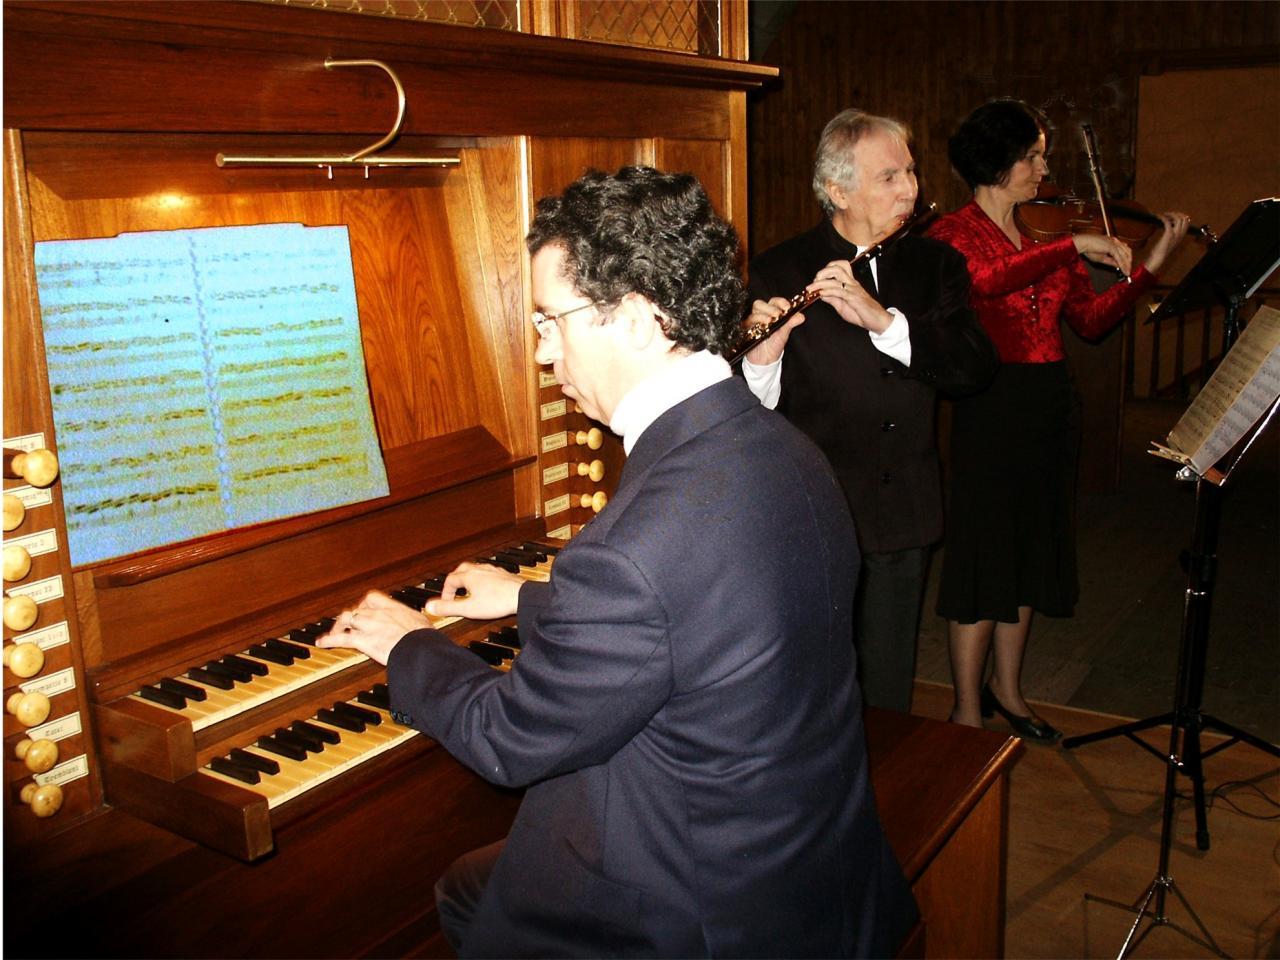 avril 2005: Flûte traversière, violon et orgue